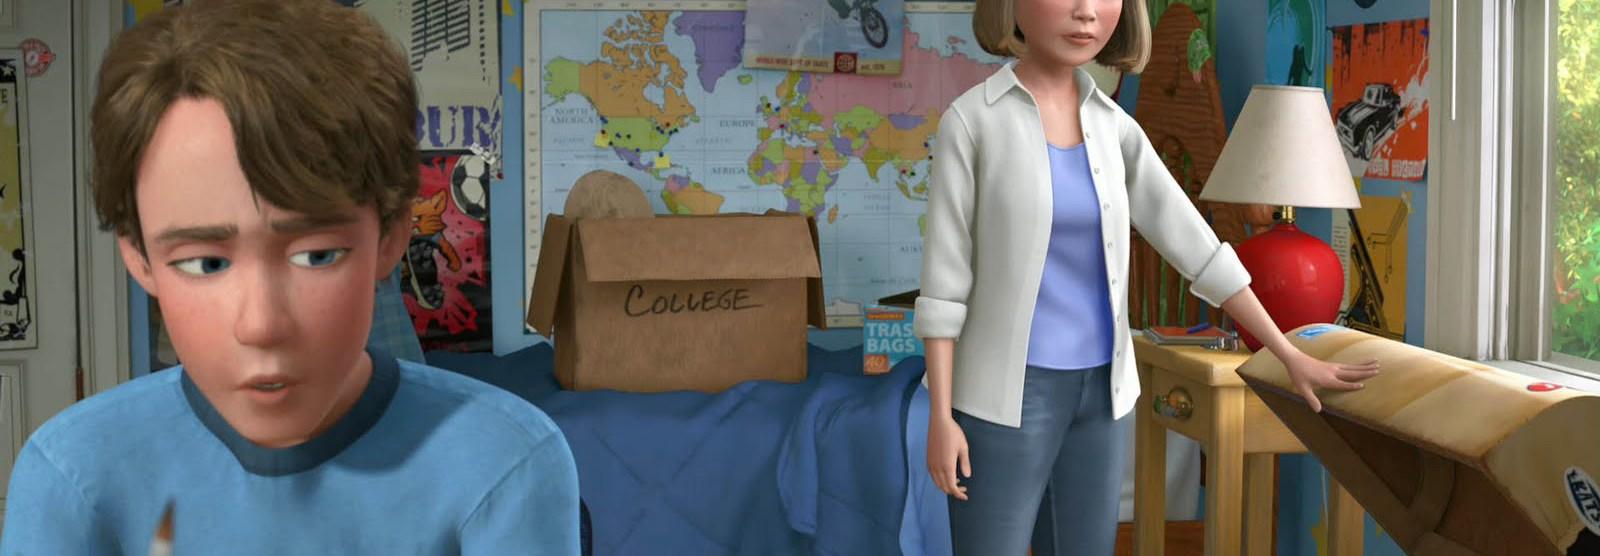 La Inquietante Teoría De La Mama De Andy: A Teoria Pixar Ganha Novos Fatos. E Envolvem Toy Story